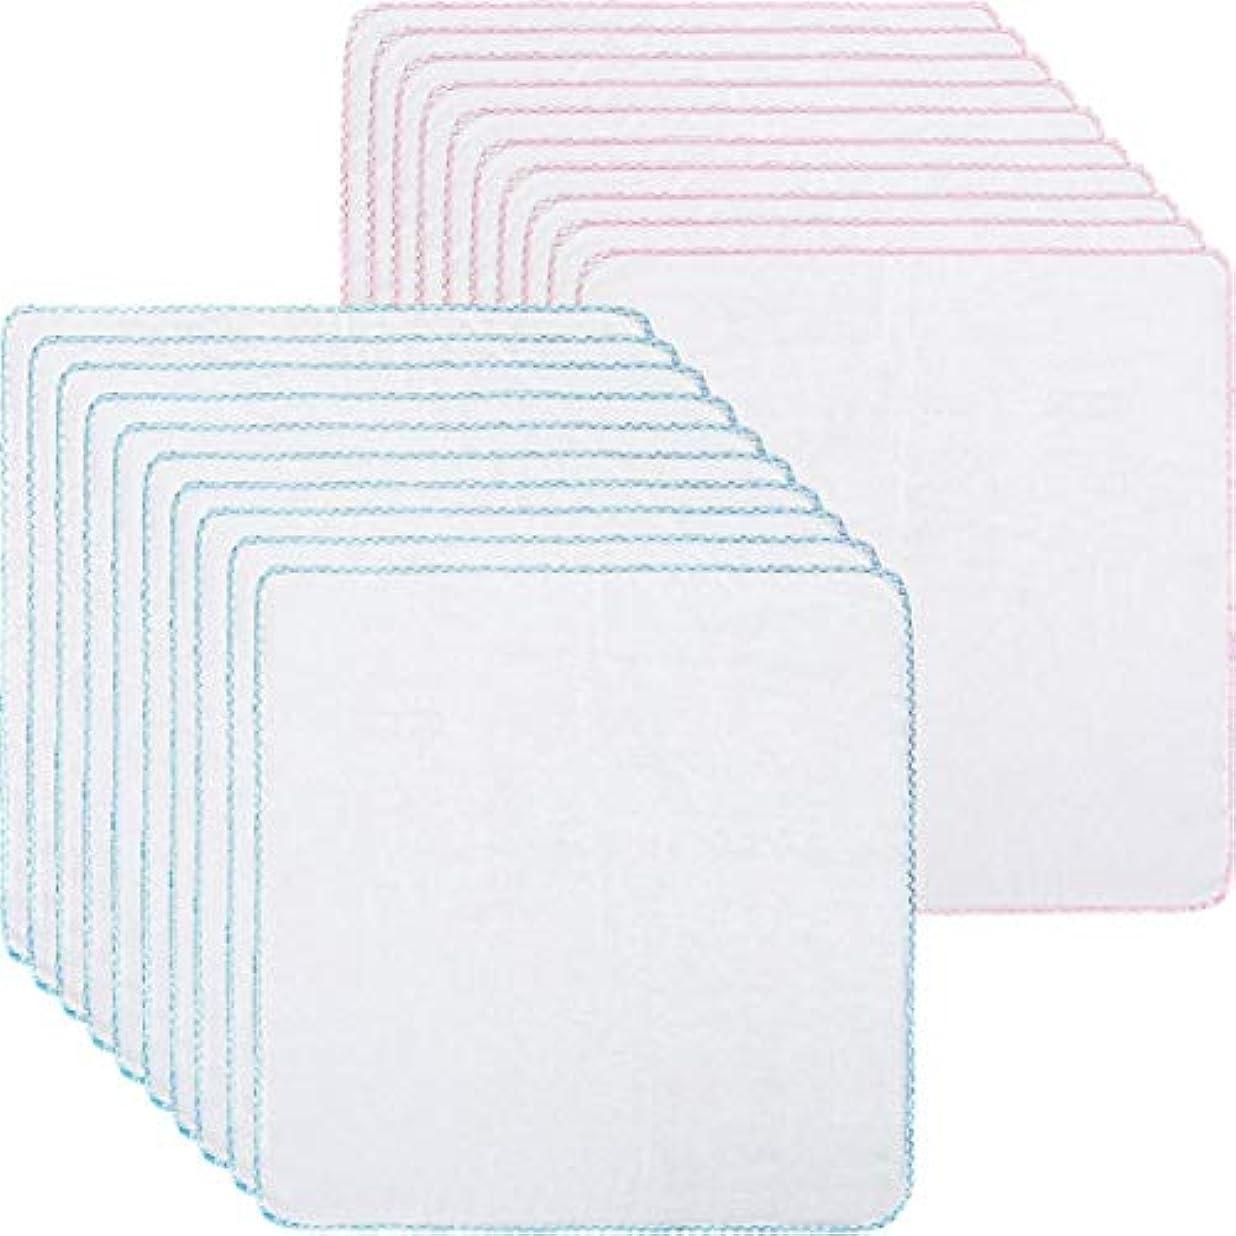 最近早熟期間Yoshilimen 洗練された20個のピュアコットンフェイシャルクレンジングモスリンクロスソフトフェイシャルクレンジングメイクリムーバー布、青とピンク